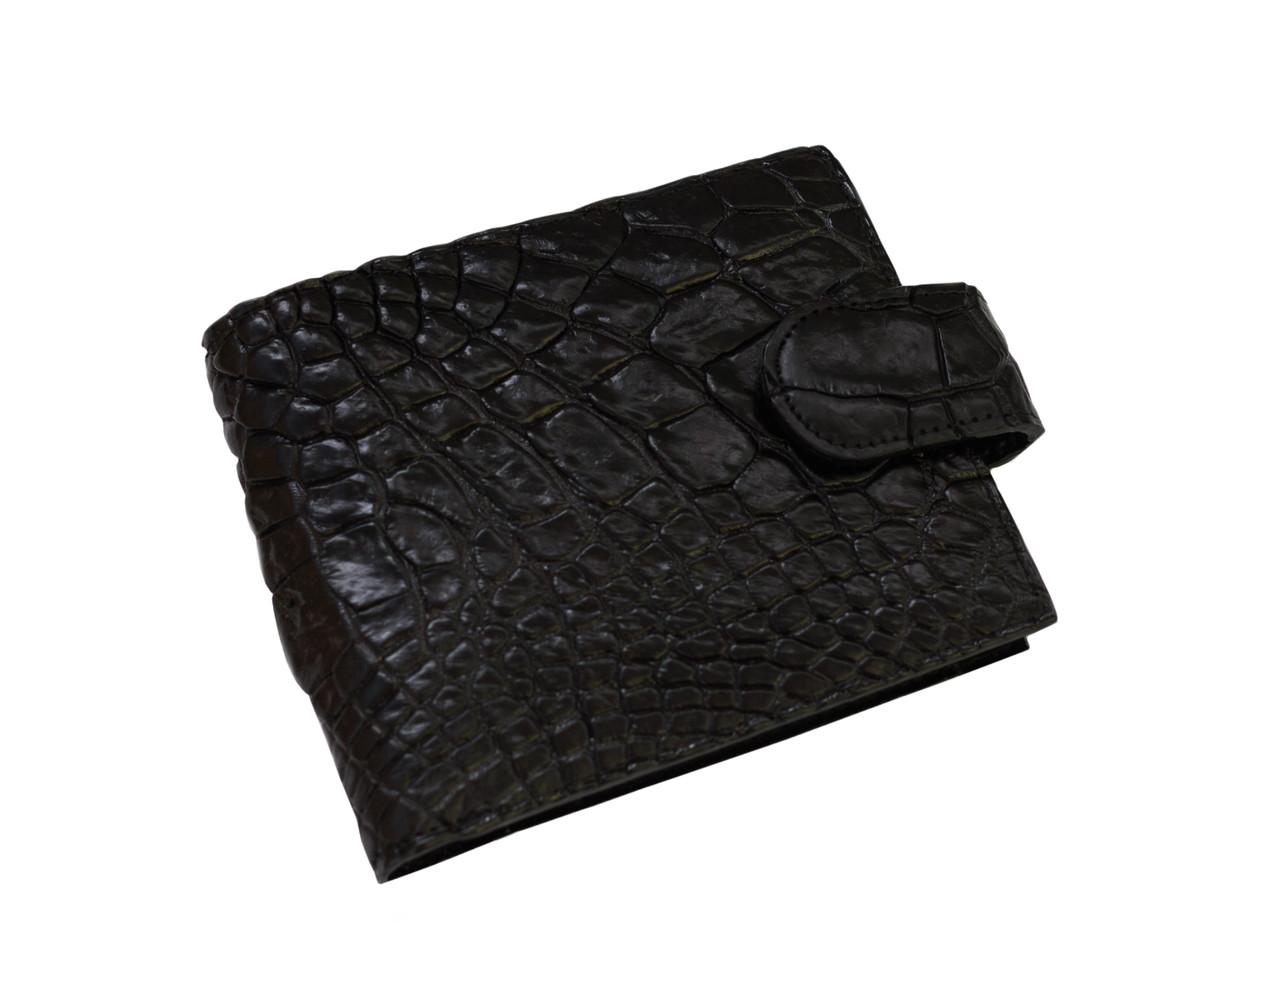 Кошелек из кожи крокодила Черный (cw 121_1)